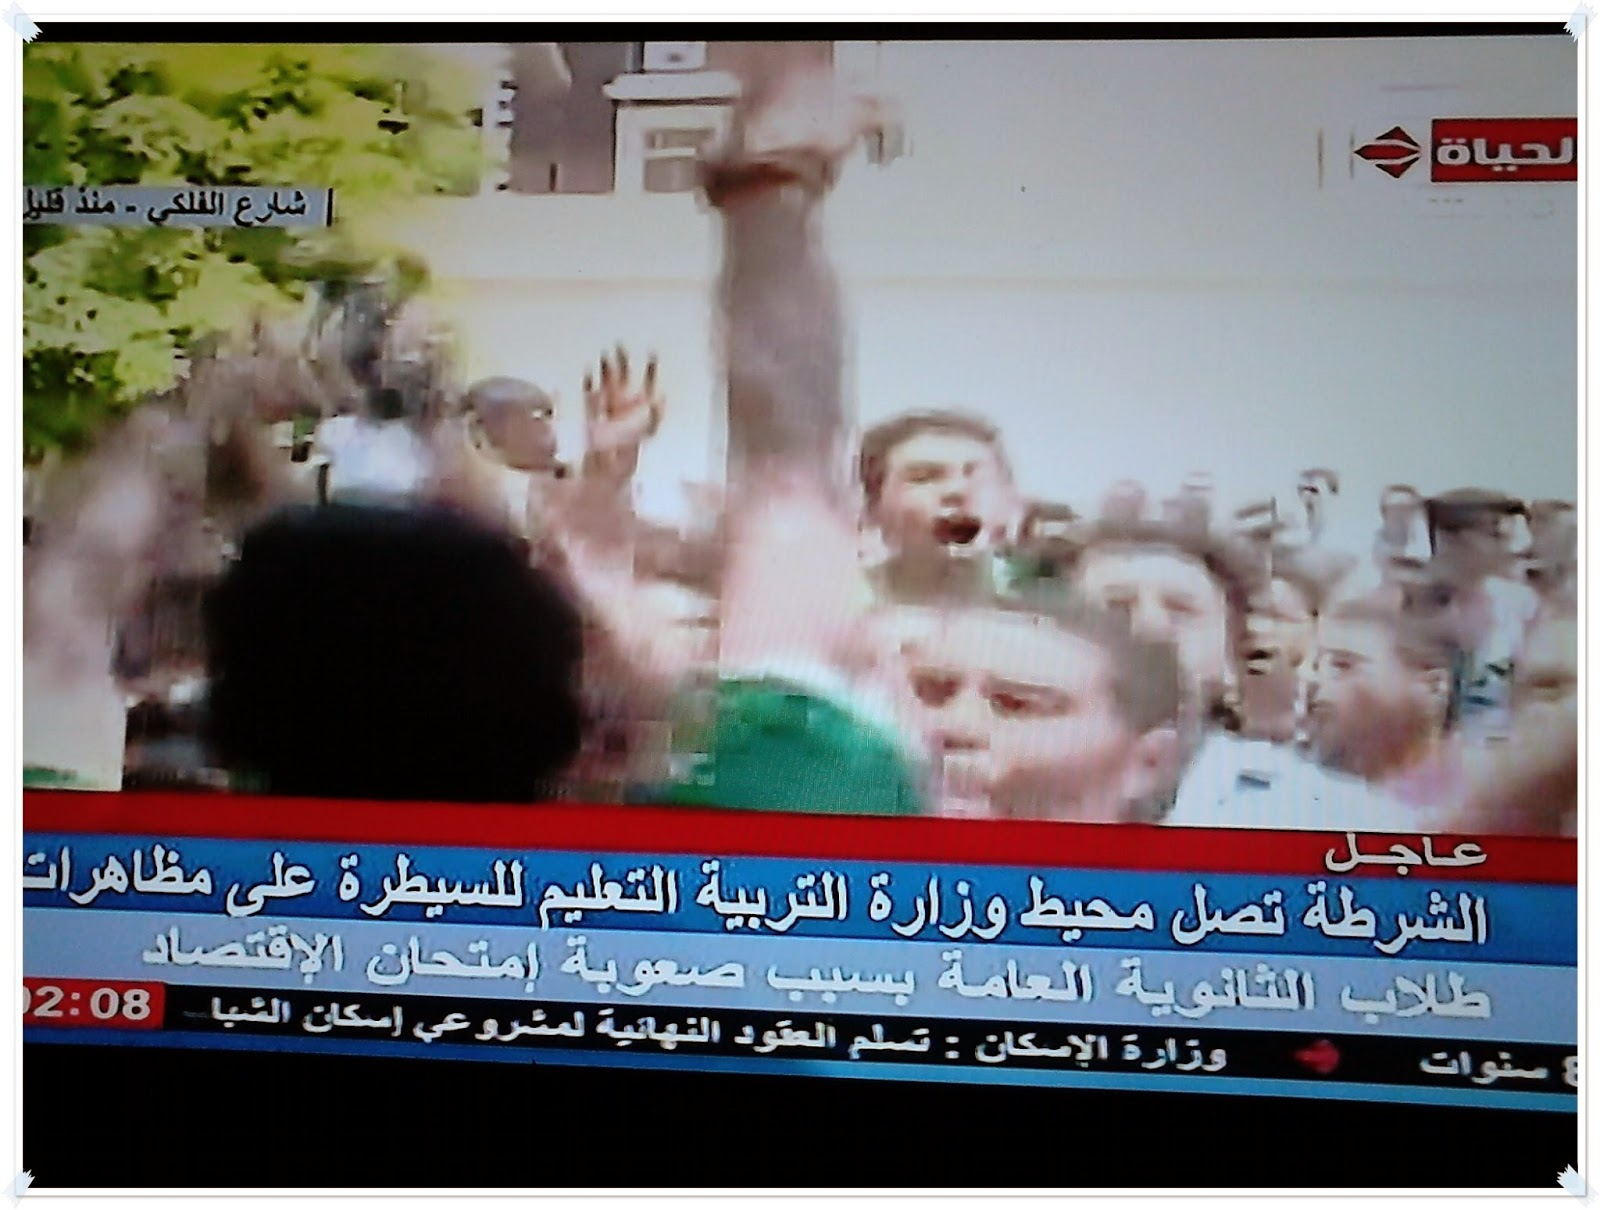 شاهد بالصور طلاب الثانويه يحاصرون مبنى وزارة التربيه والتعليم لصعوبة الامتحان 12/6/2014